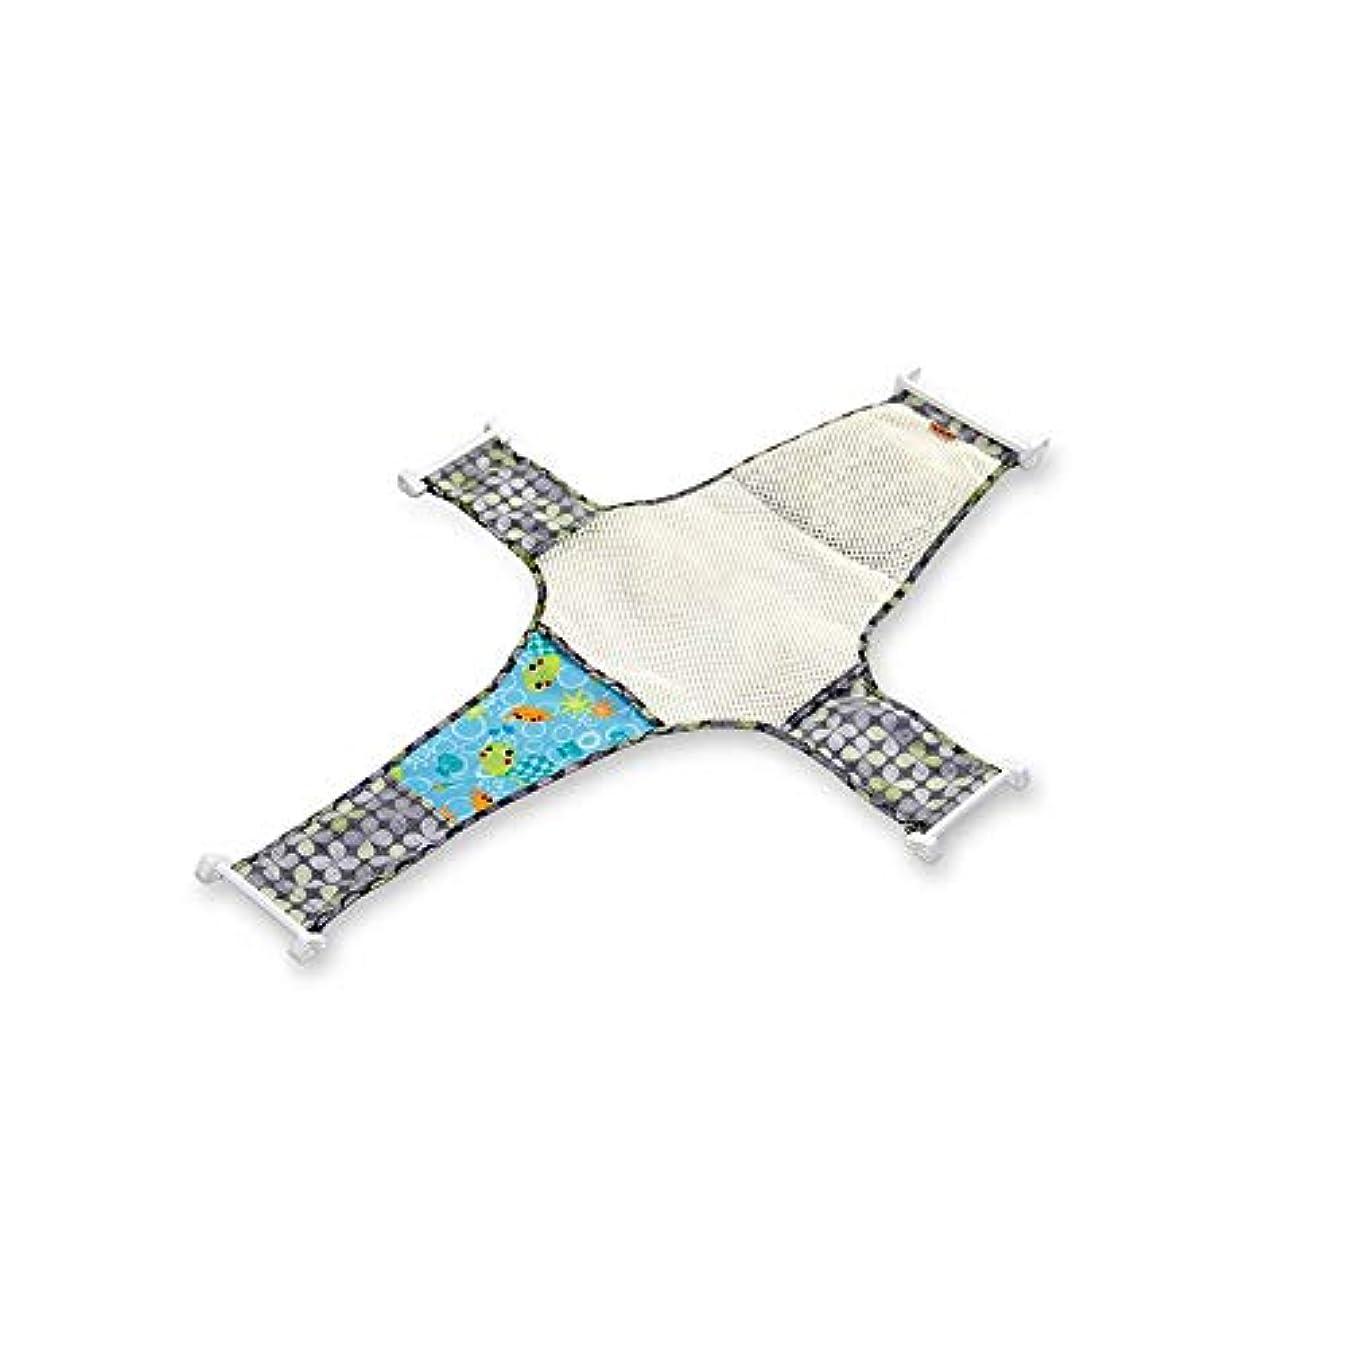 副産物滑り台才能Onior調整可能 十字メッシュ パターン バスタブ 座席 スタンドネット 滑り止め 浴槽網 耐久性